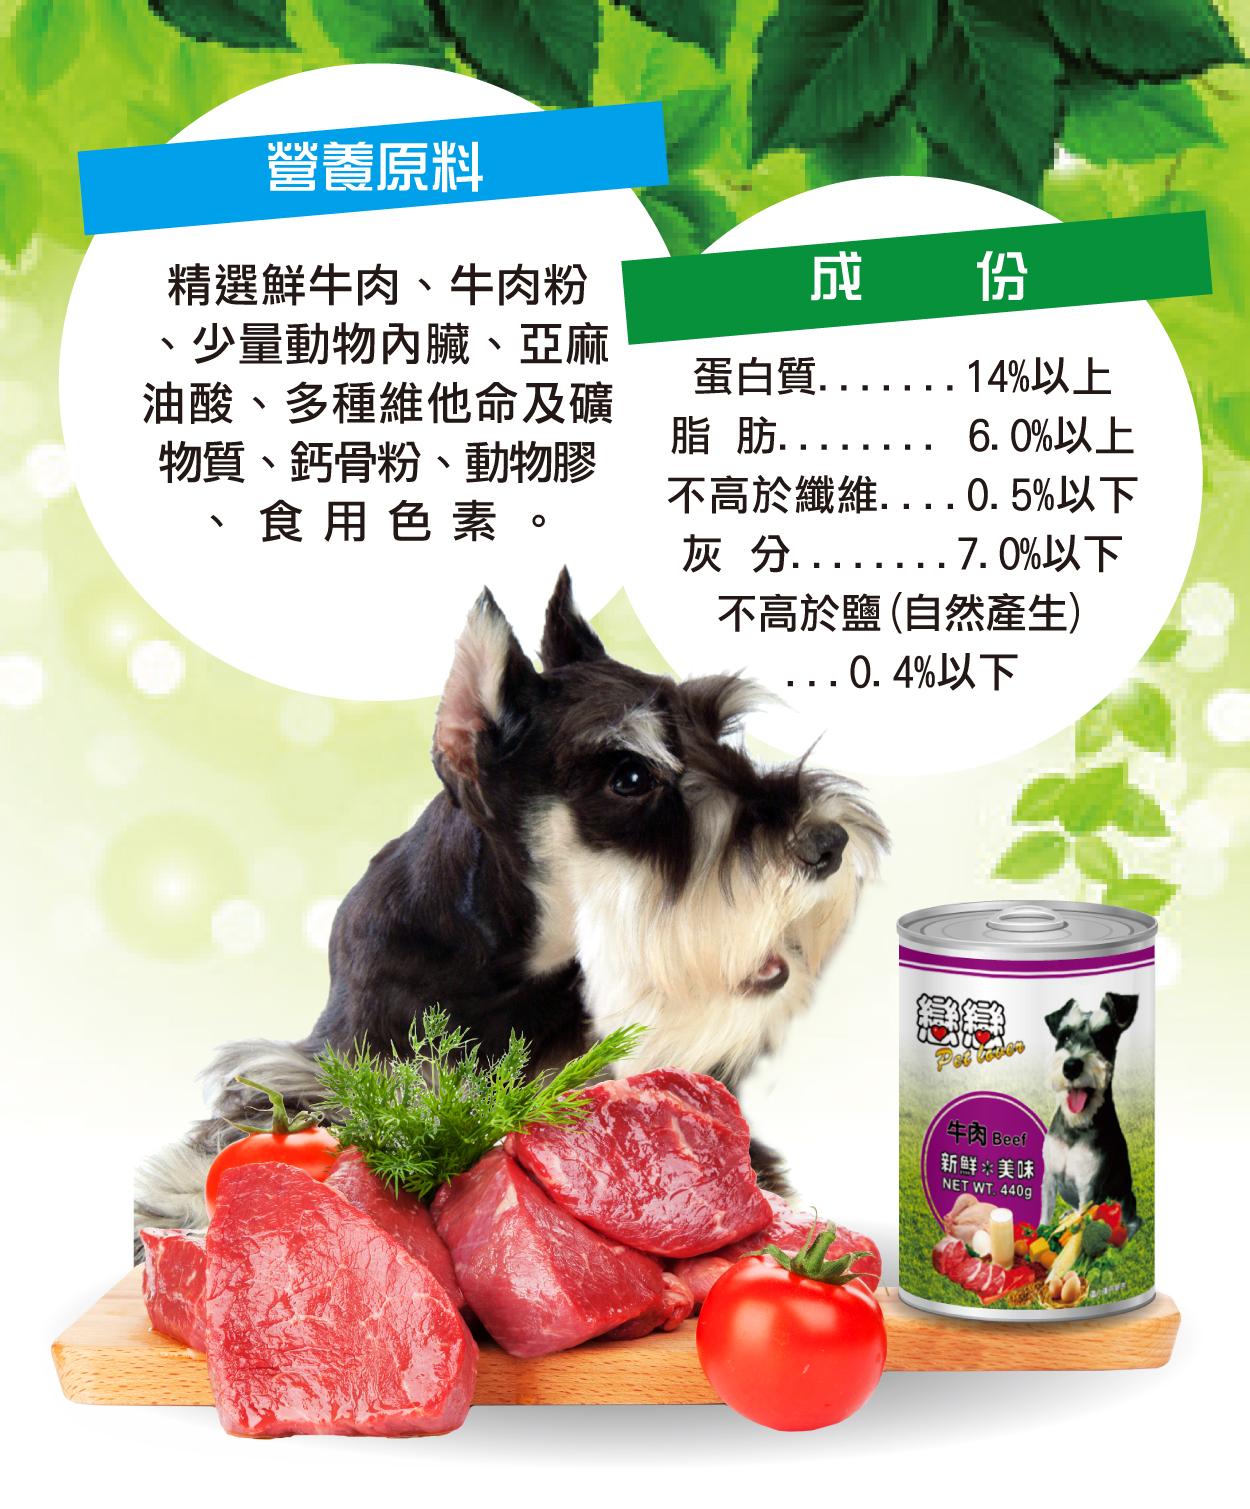 戀戀狗罐頭嚴選天然食材,提供多種維他命及礦物質,能增進狗狗身體機能│全球寵物-戀戀狗罐頭